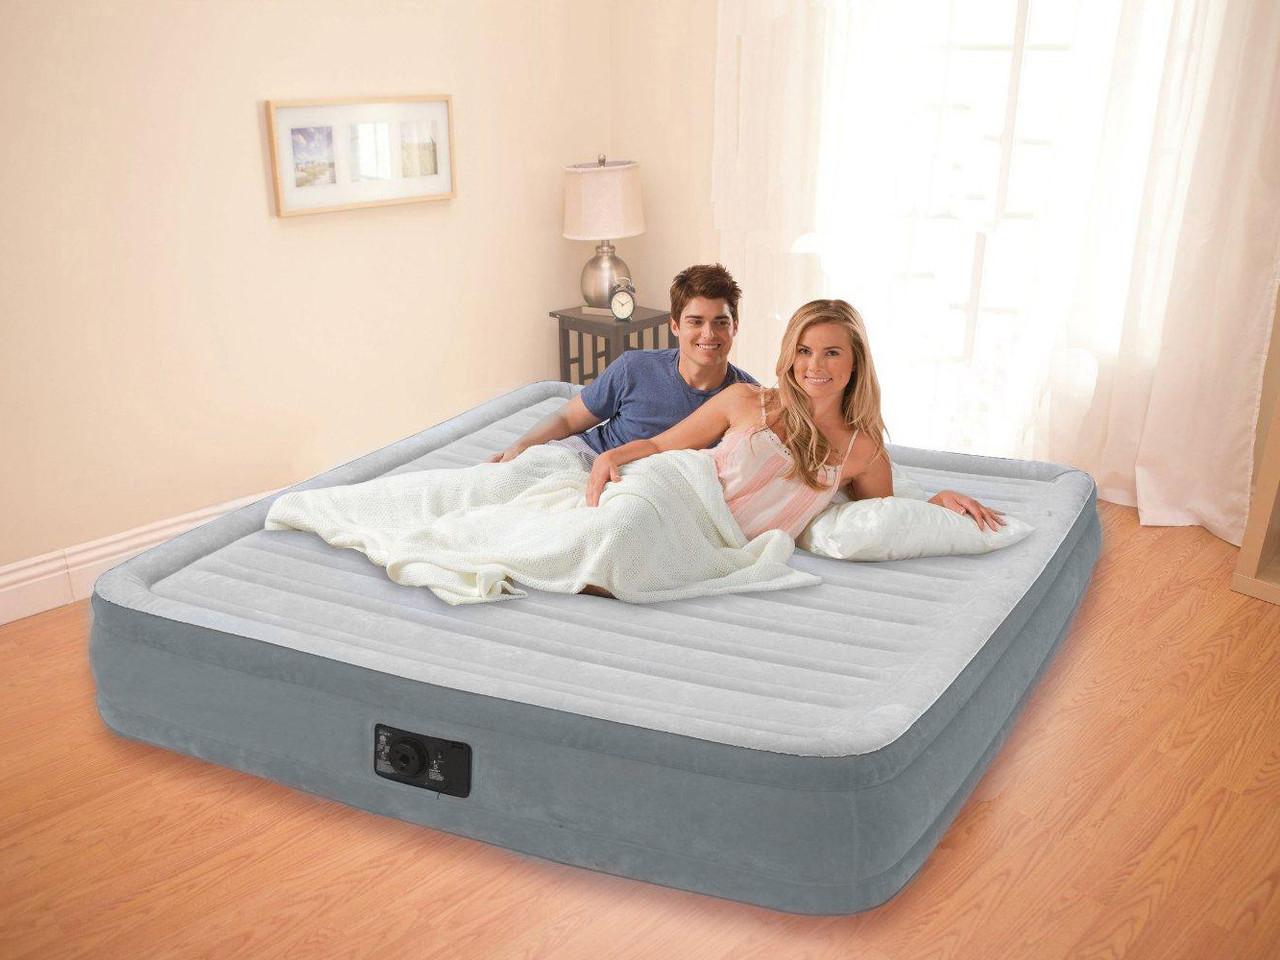 Надувная кровать, двухспальная, двухместная, с электронасосом, intex, 203x152x33см, оригинал, качественная